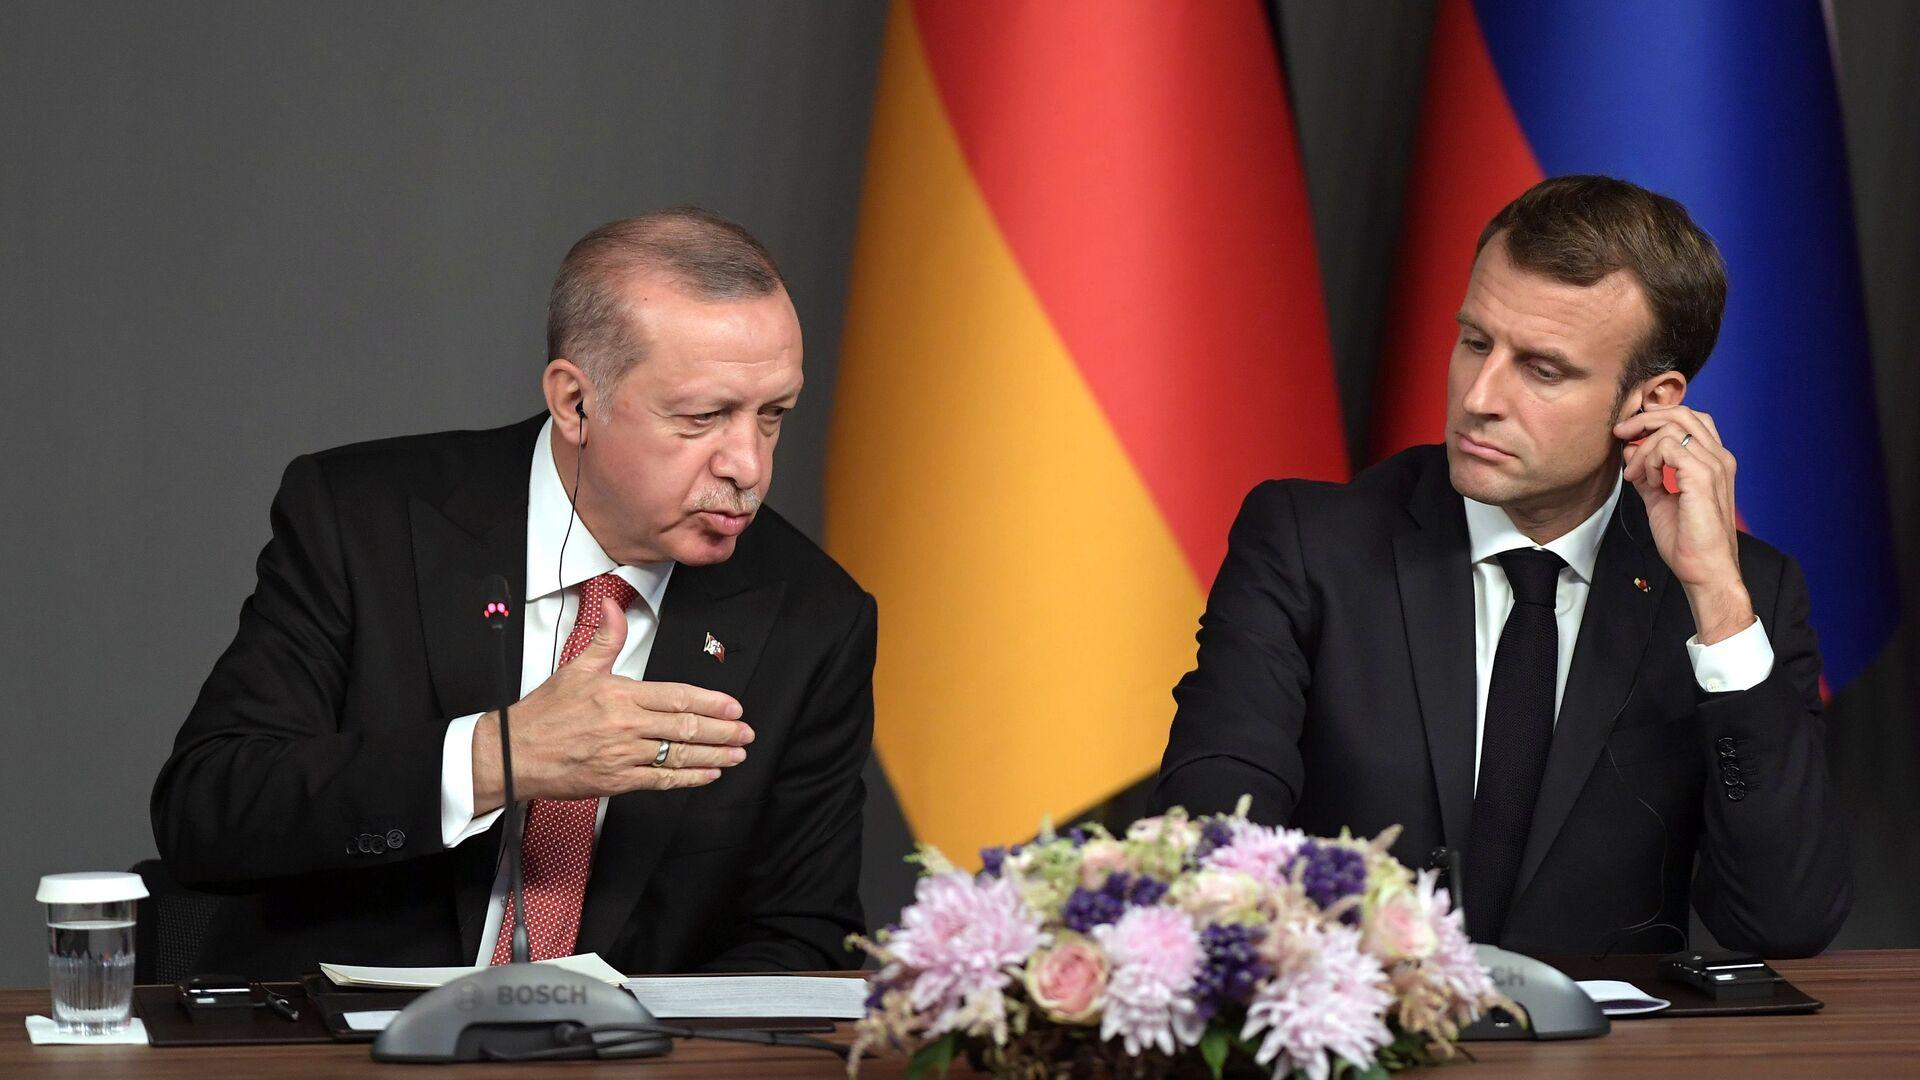 Президент Турции Реджеп Тайип Эрдоган и президент Франции Эммануэль Макрон на пресс-конференции по итогам саммита по Сирии. 27 октября 2018  - РИА Новости, 1920, 26.10.2020